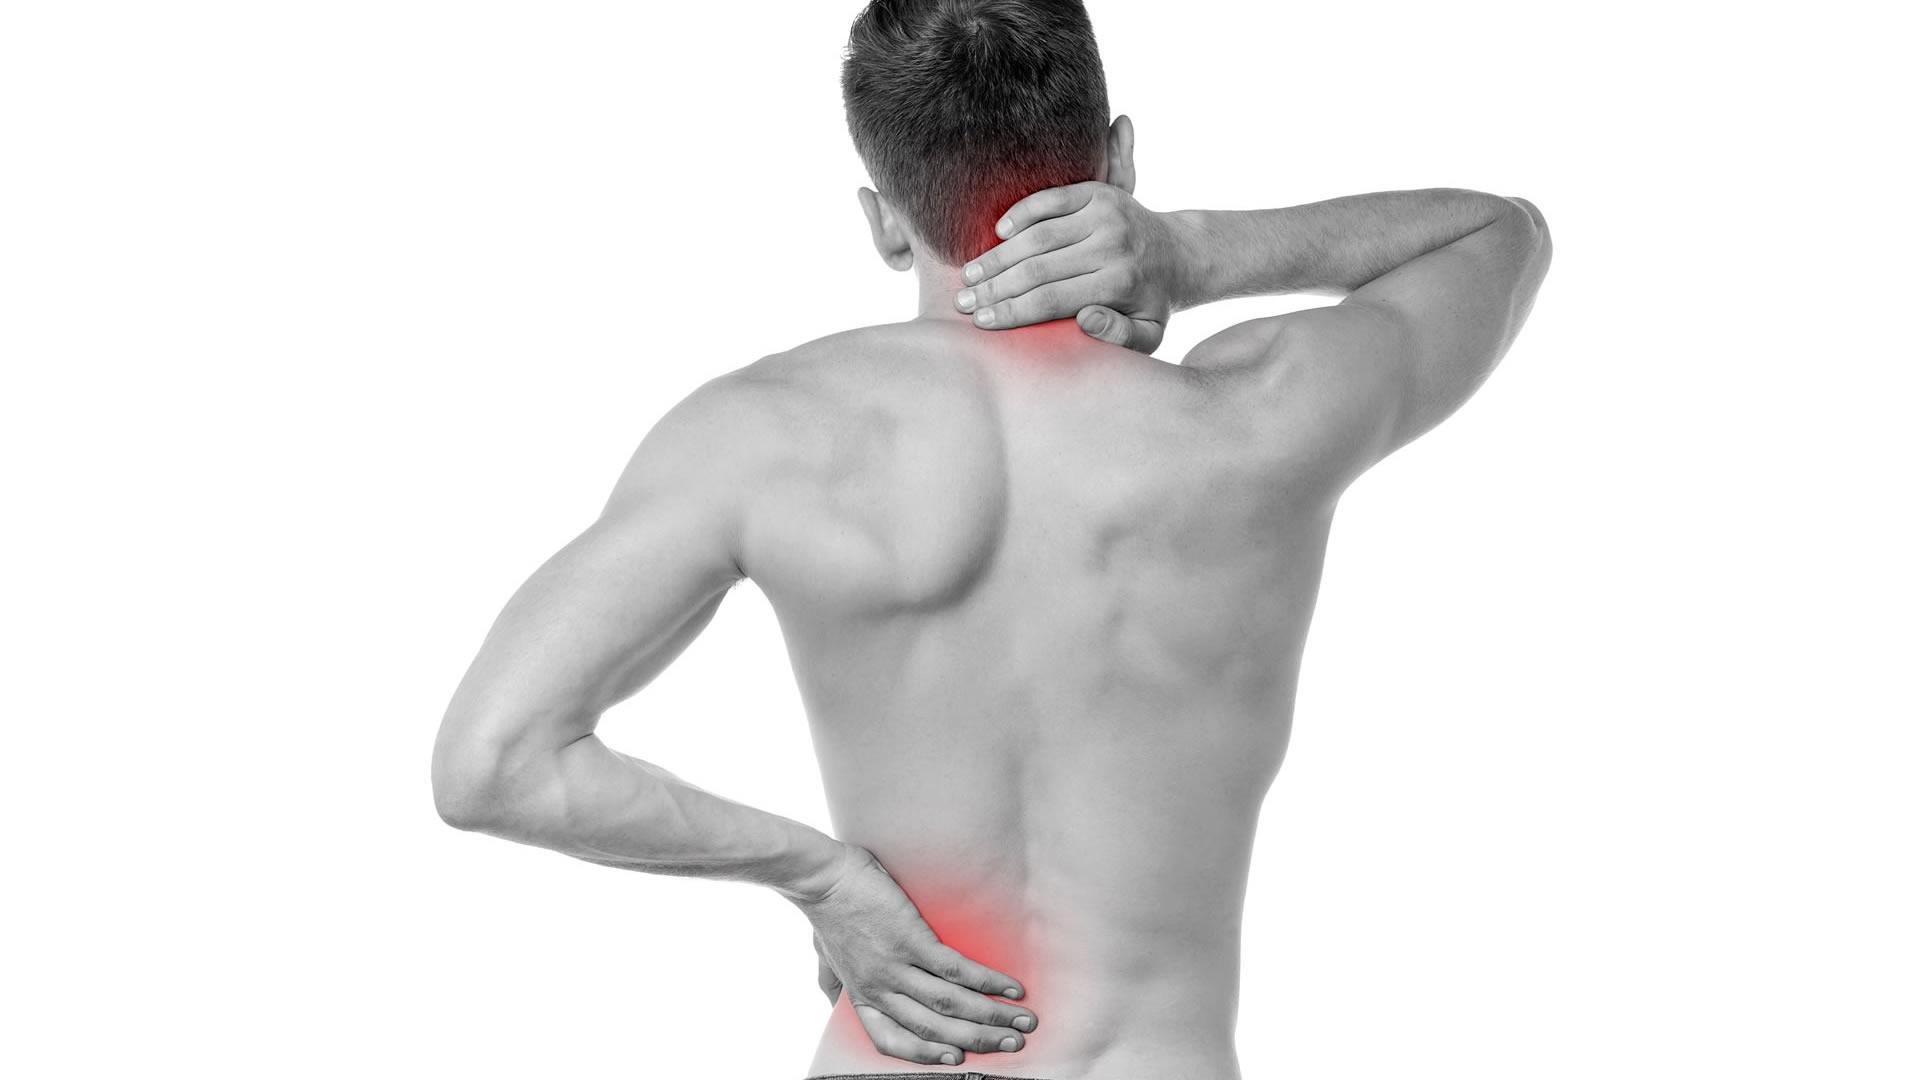 Por qué duele en el lado en la espalda